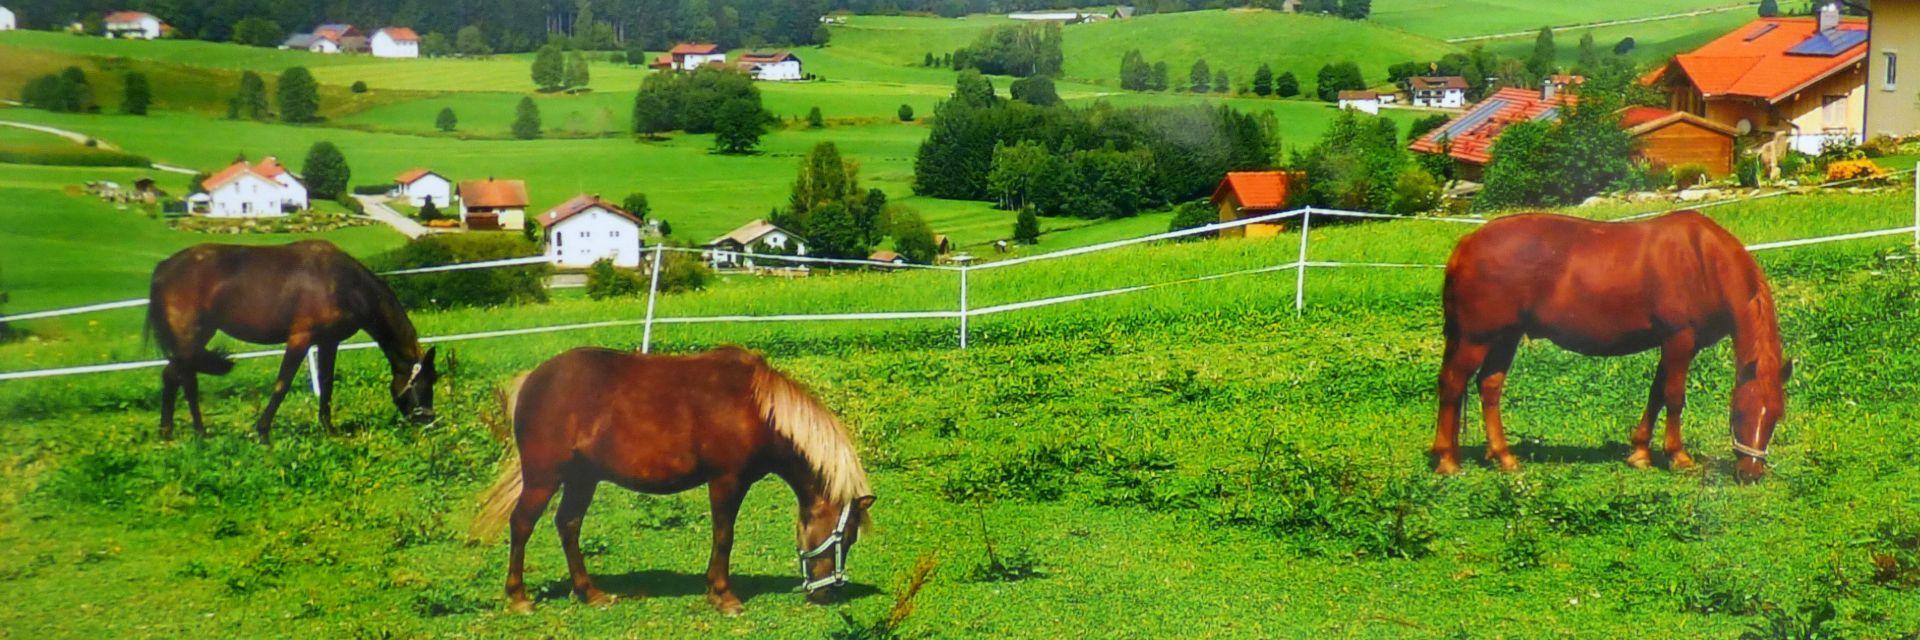 reiterferien-bayerischer-wald-reiturlaub-pferde